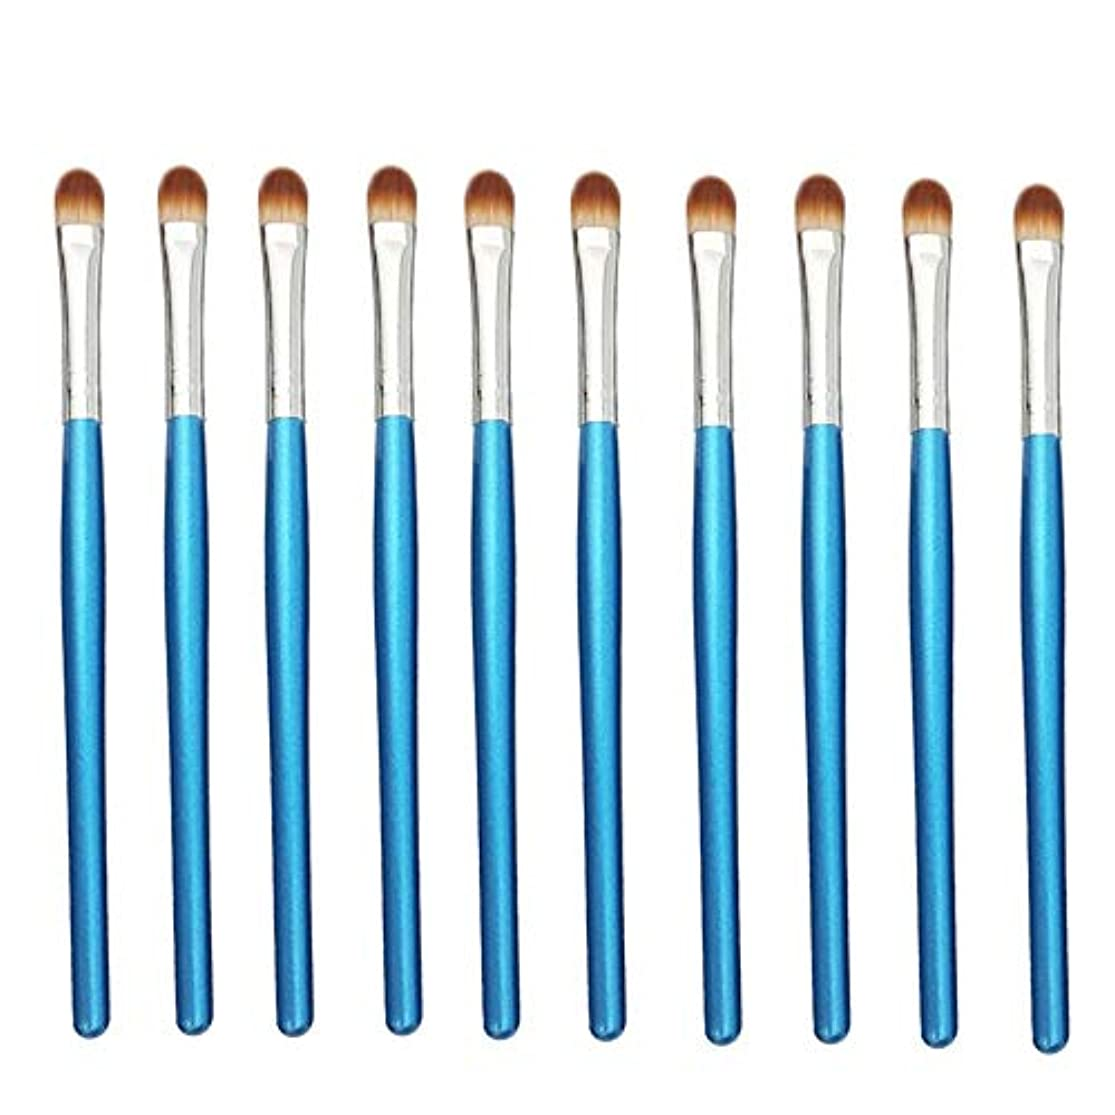 スノーケルの慈悲で宿命Makeup brushes 青、初心者および専門家に適したアイシャドウブラシアイメイクブラシ10スティックアイメイクブラシ suits (Color : Blue Silver)